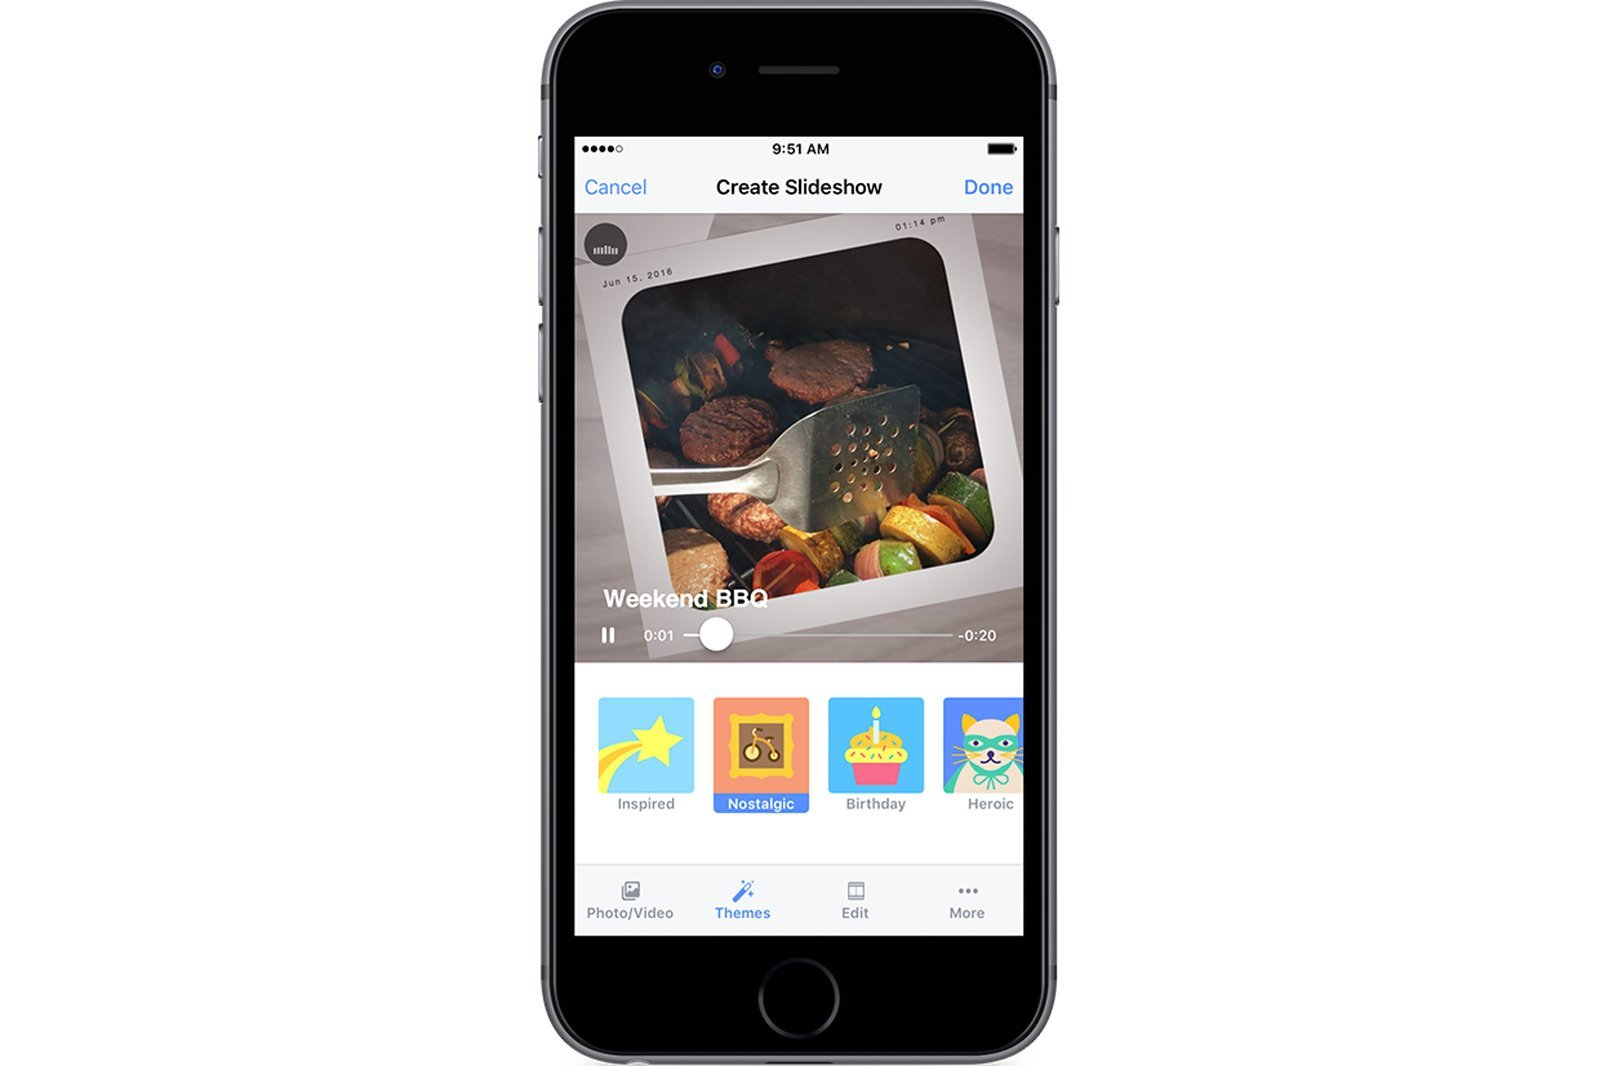 Facebook lance Slideshow sur iOS, une fonction de création de souvenirs